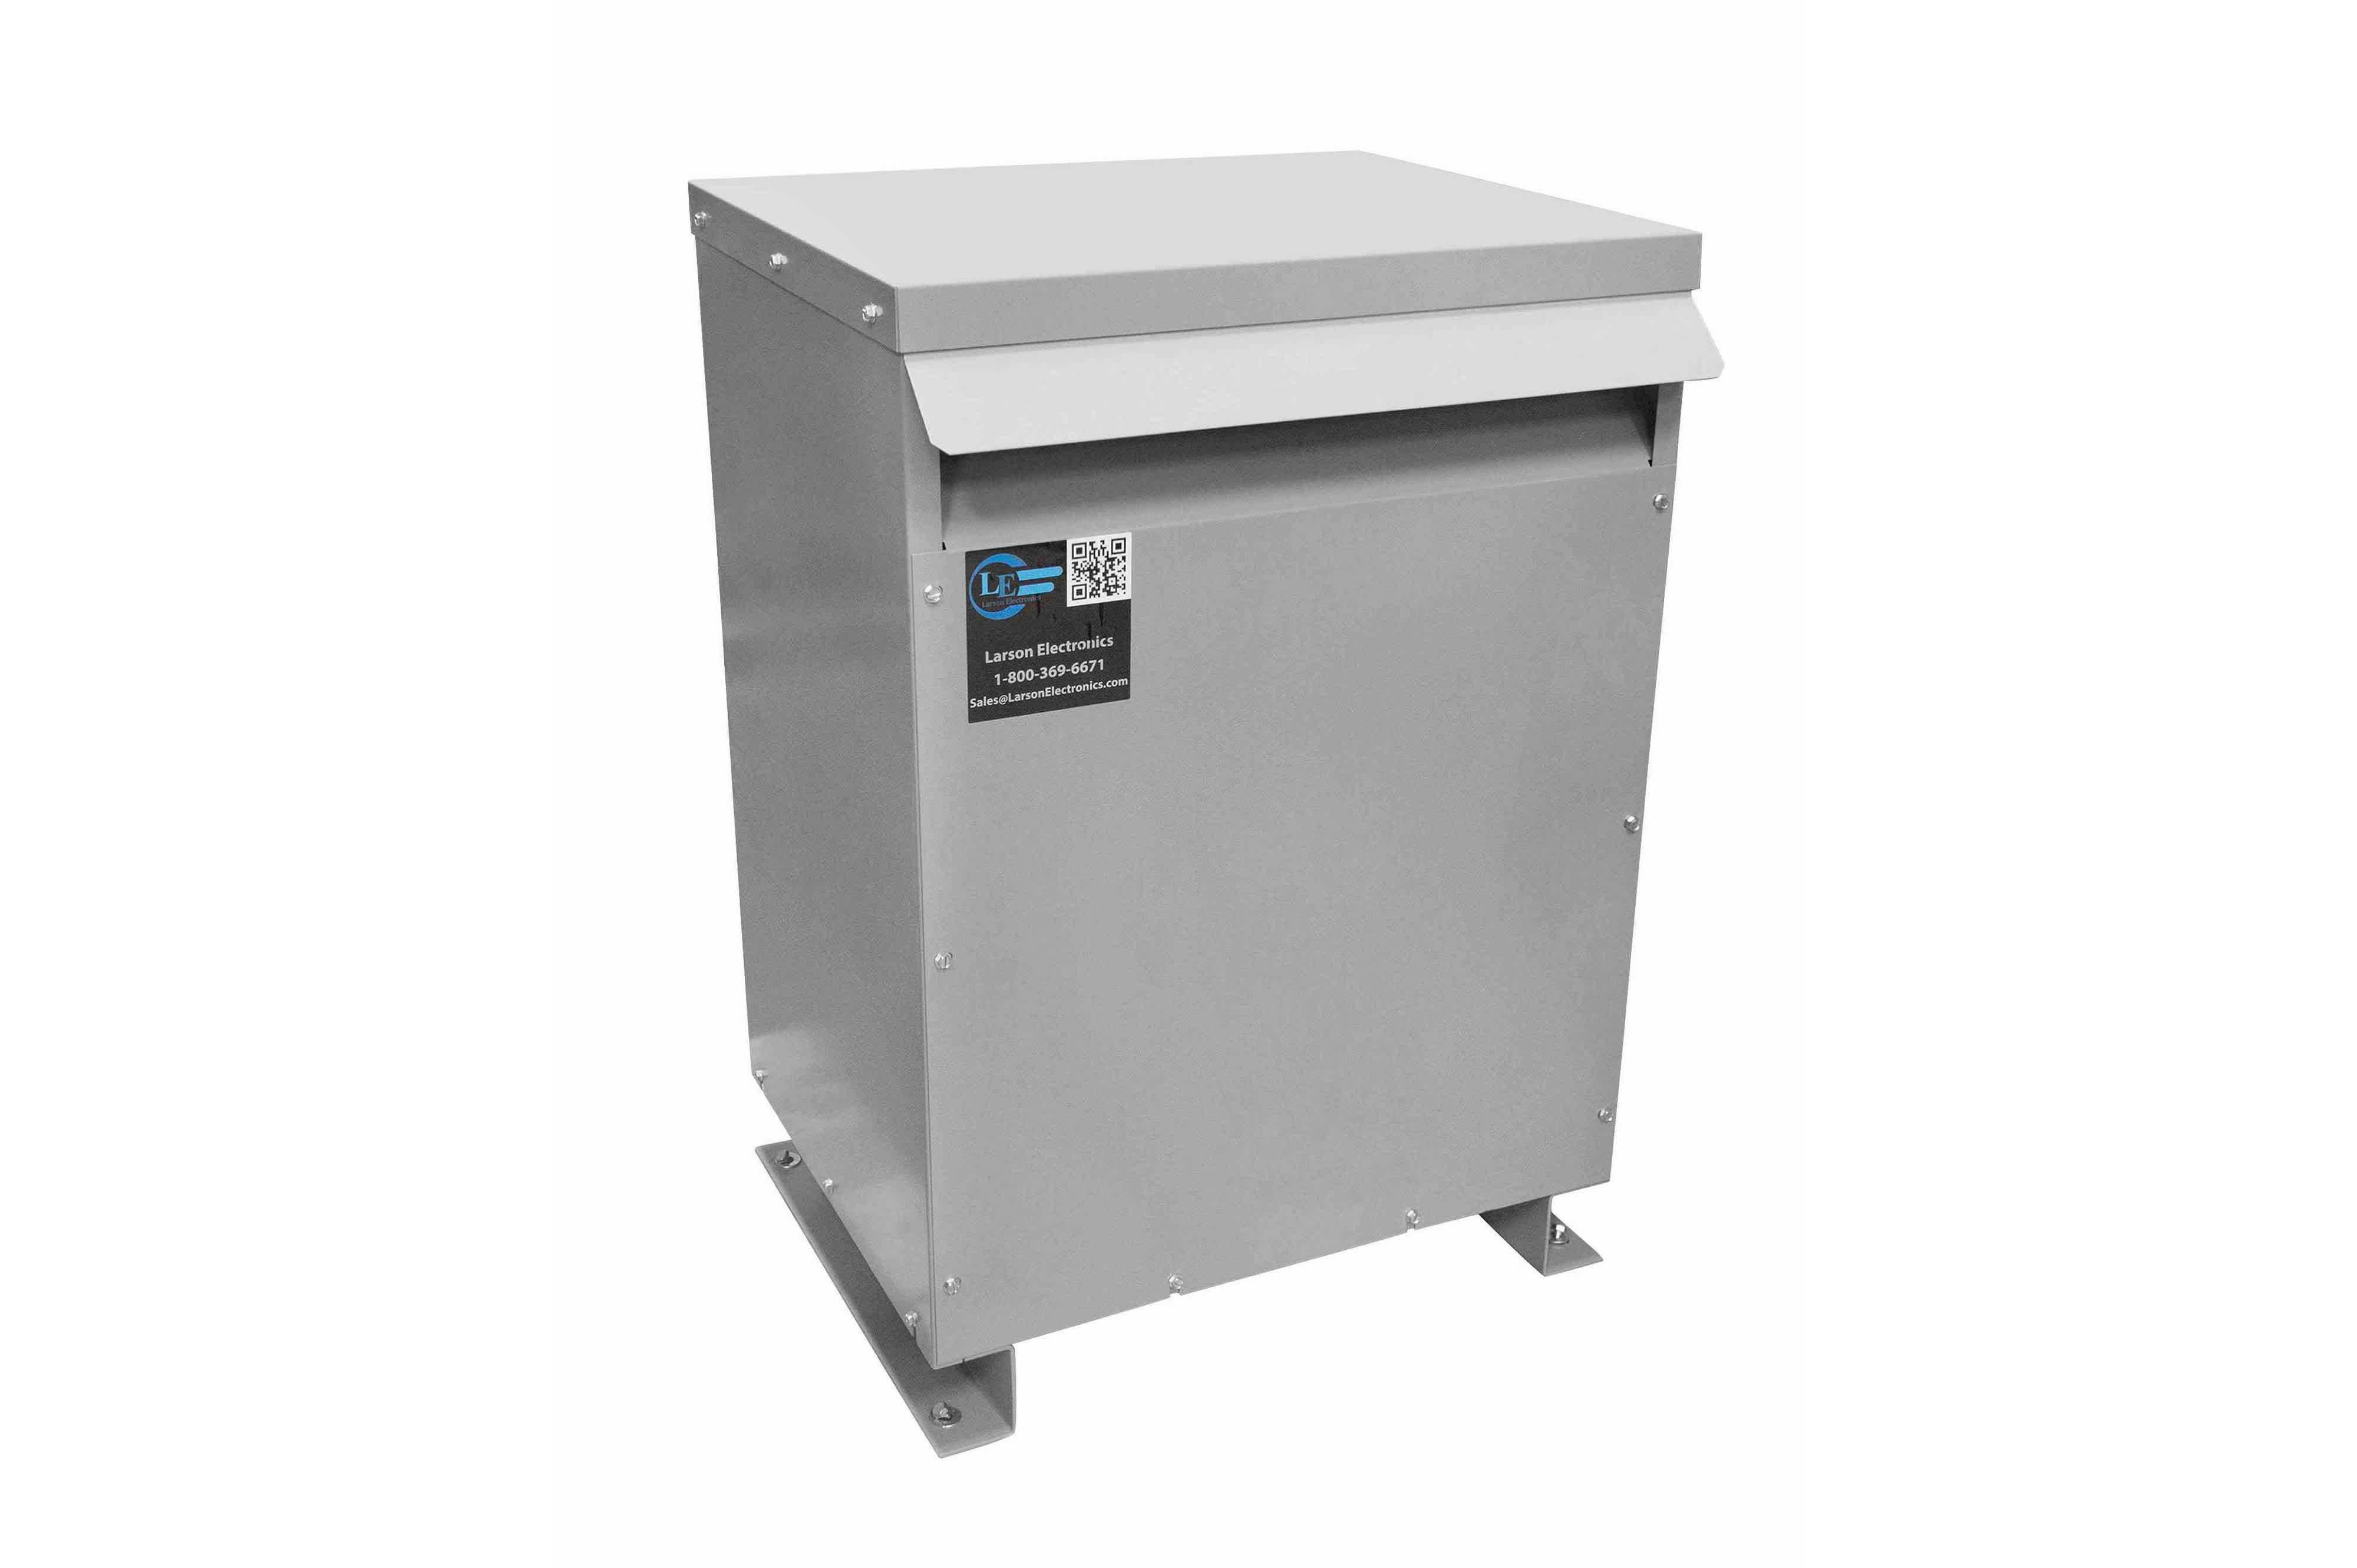 400 kVA 3PH Isolation Transformer, 400V Delta Primary, 240 Delta Secondary, N3R, Ventilated, 60 Hz